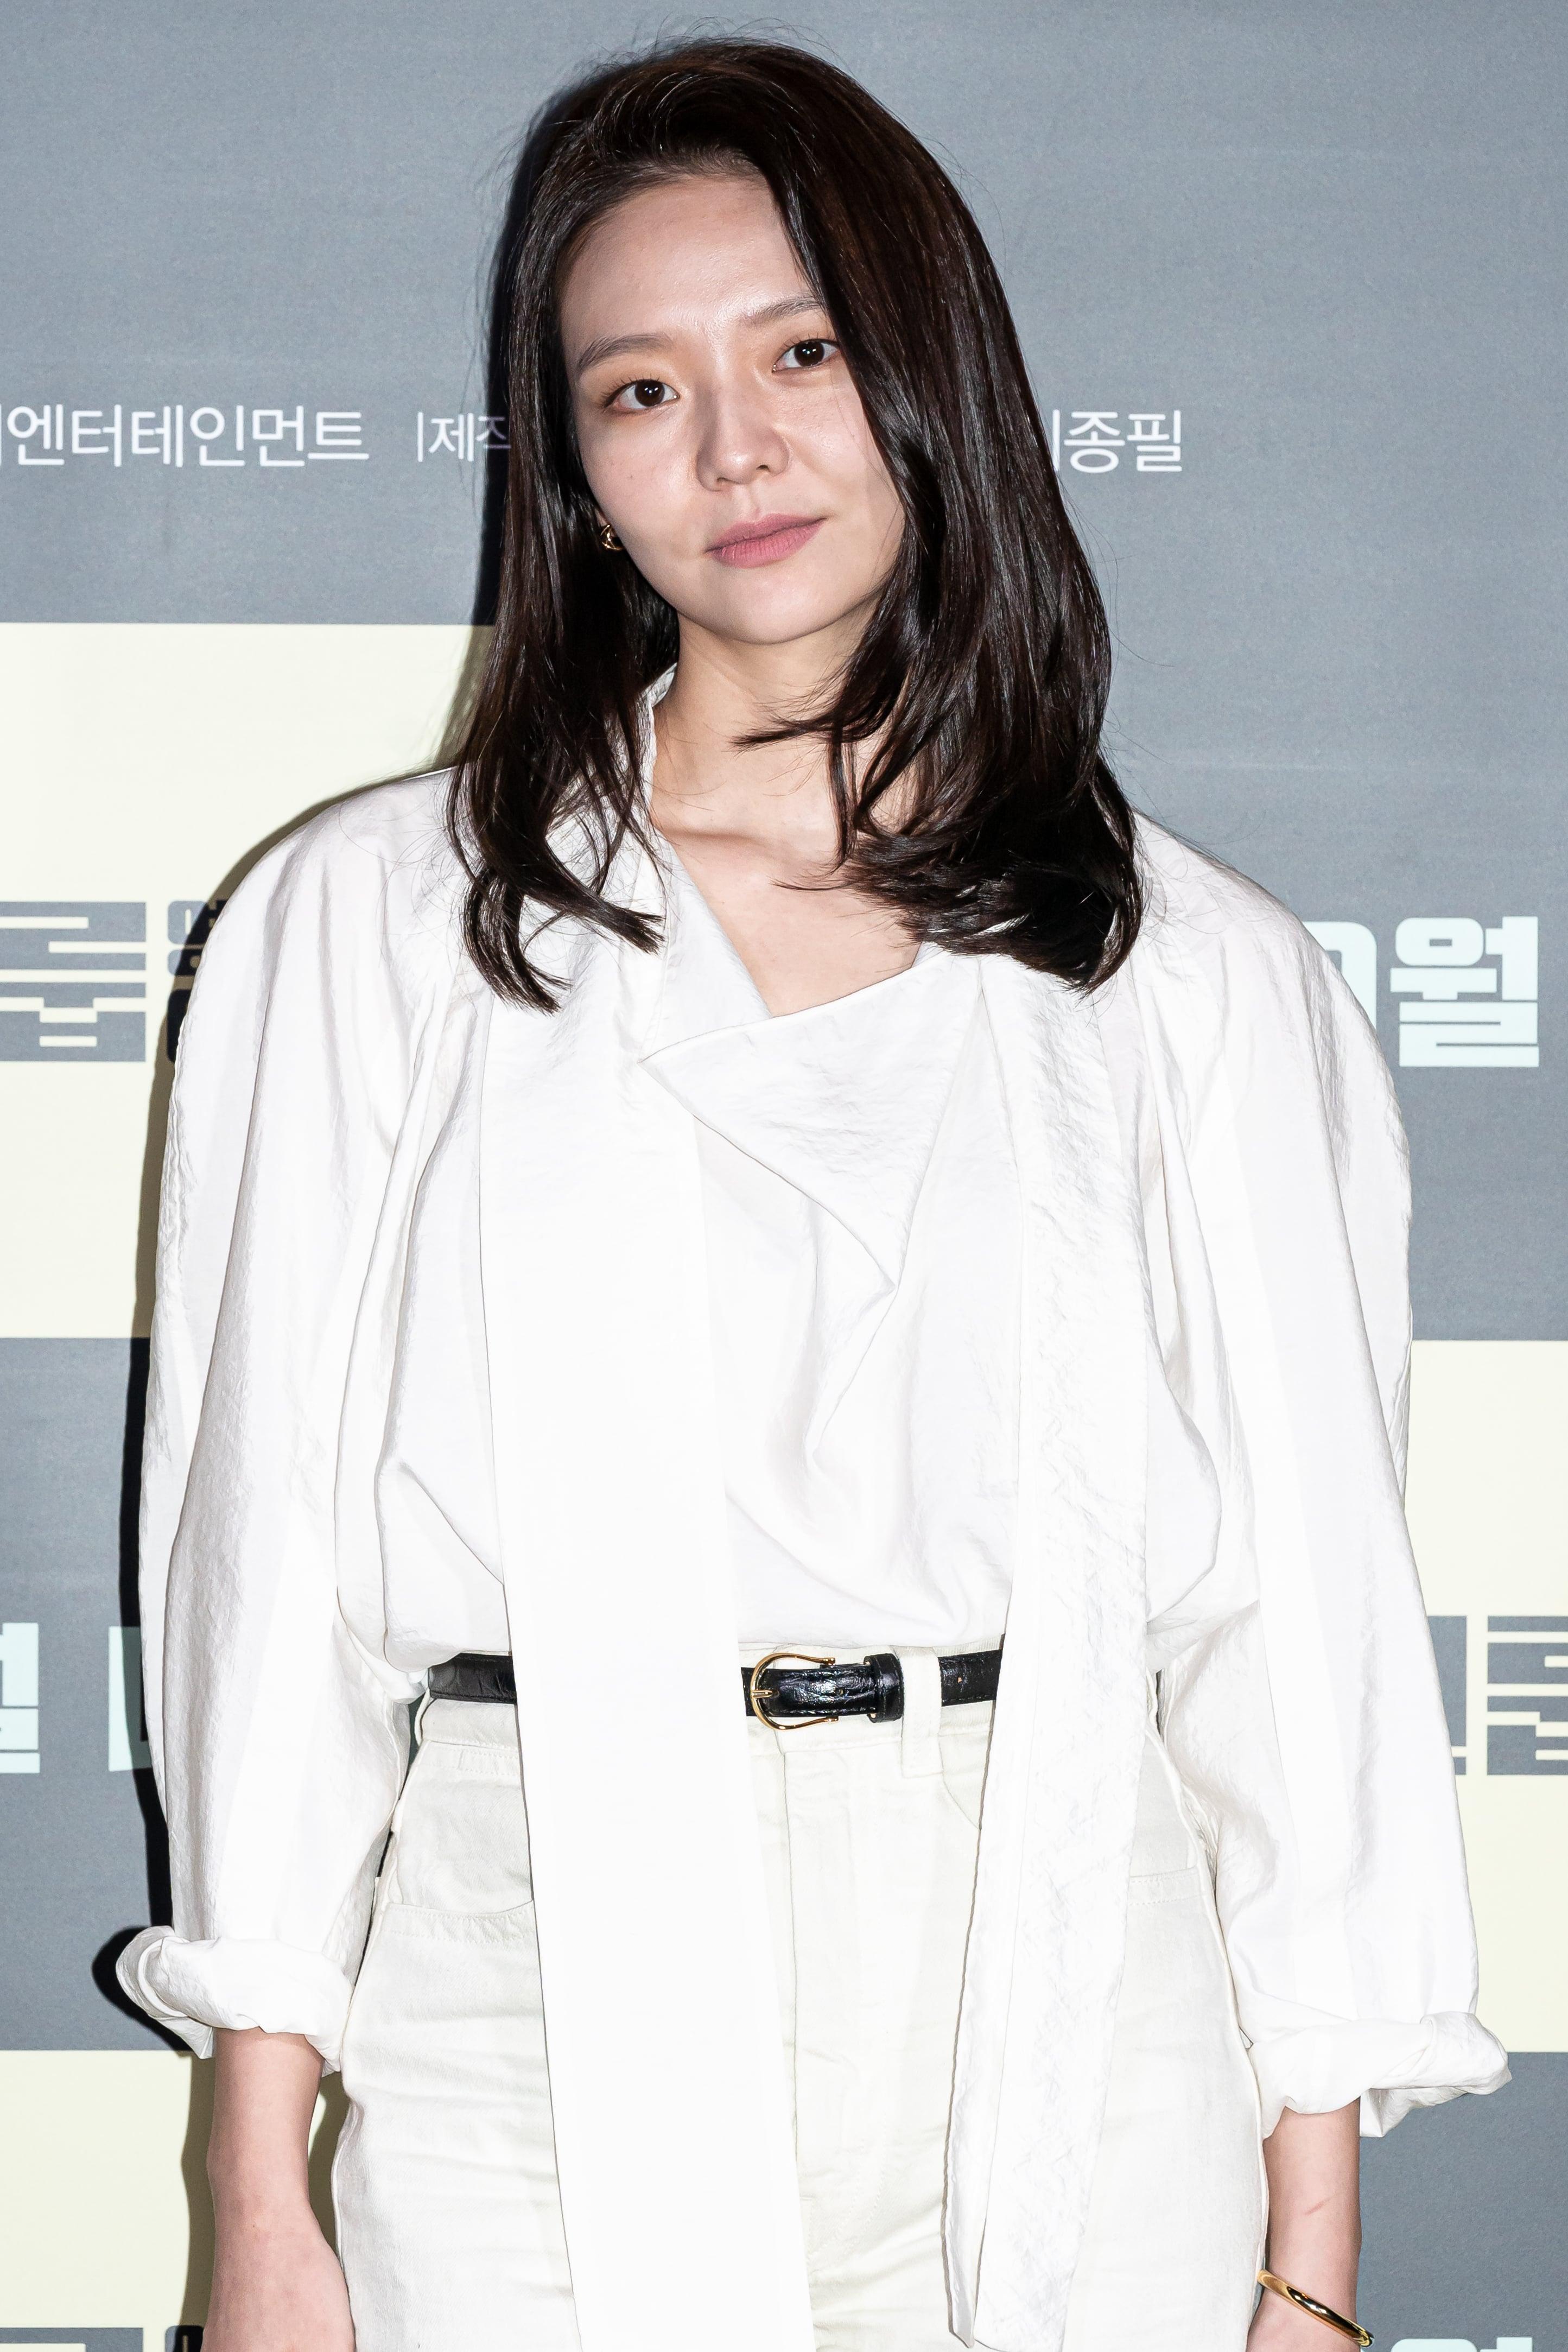 영화 '삼진그룹 영어토익반' 출연 배우 이솜. 사진 롯데엔터테인먼트